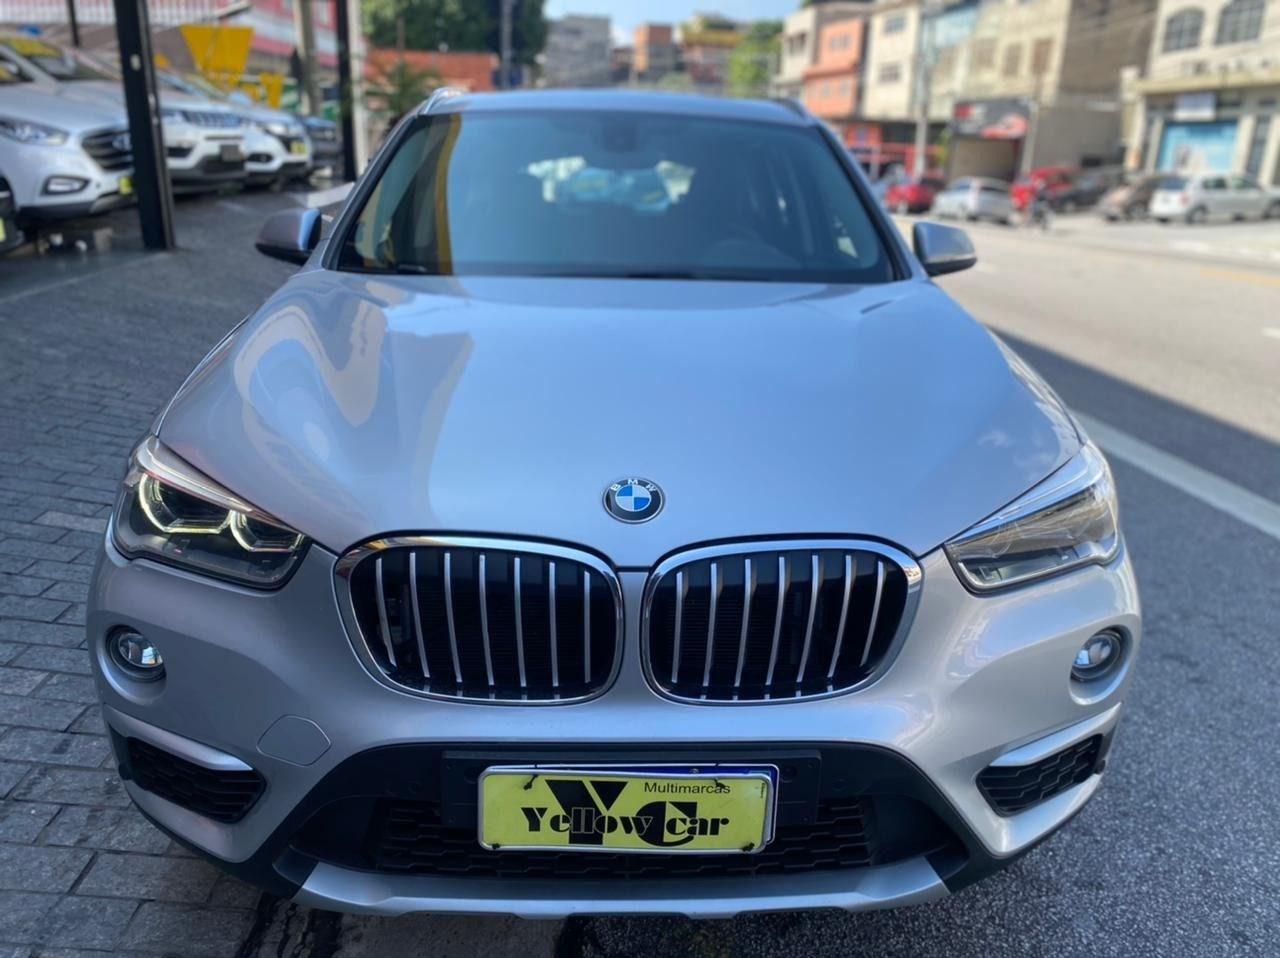 //www.autoline.com.br/carro/bmw/x1-20-sdrive20i-xline-16v-flex-4p-turbo-automati/2019/sao-paulo-sp/14536296